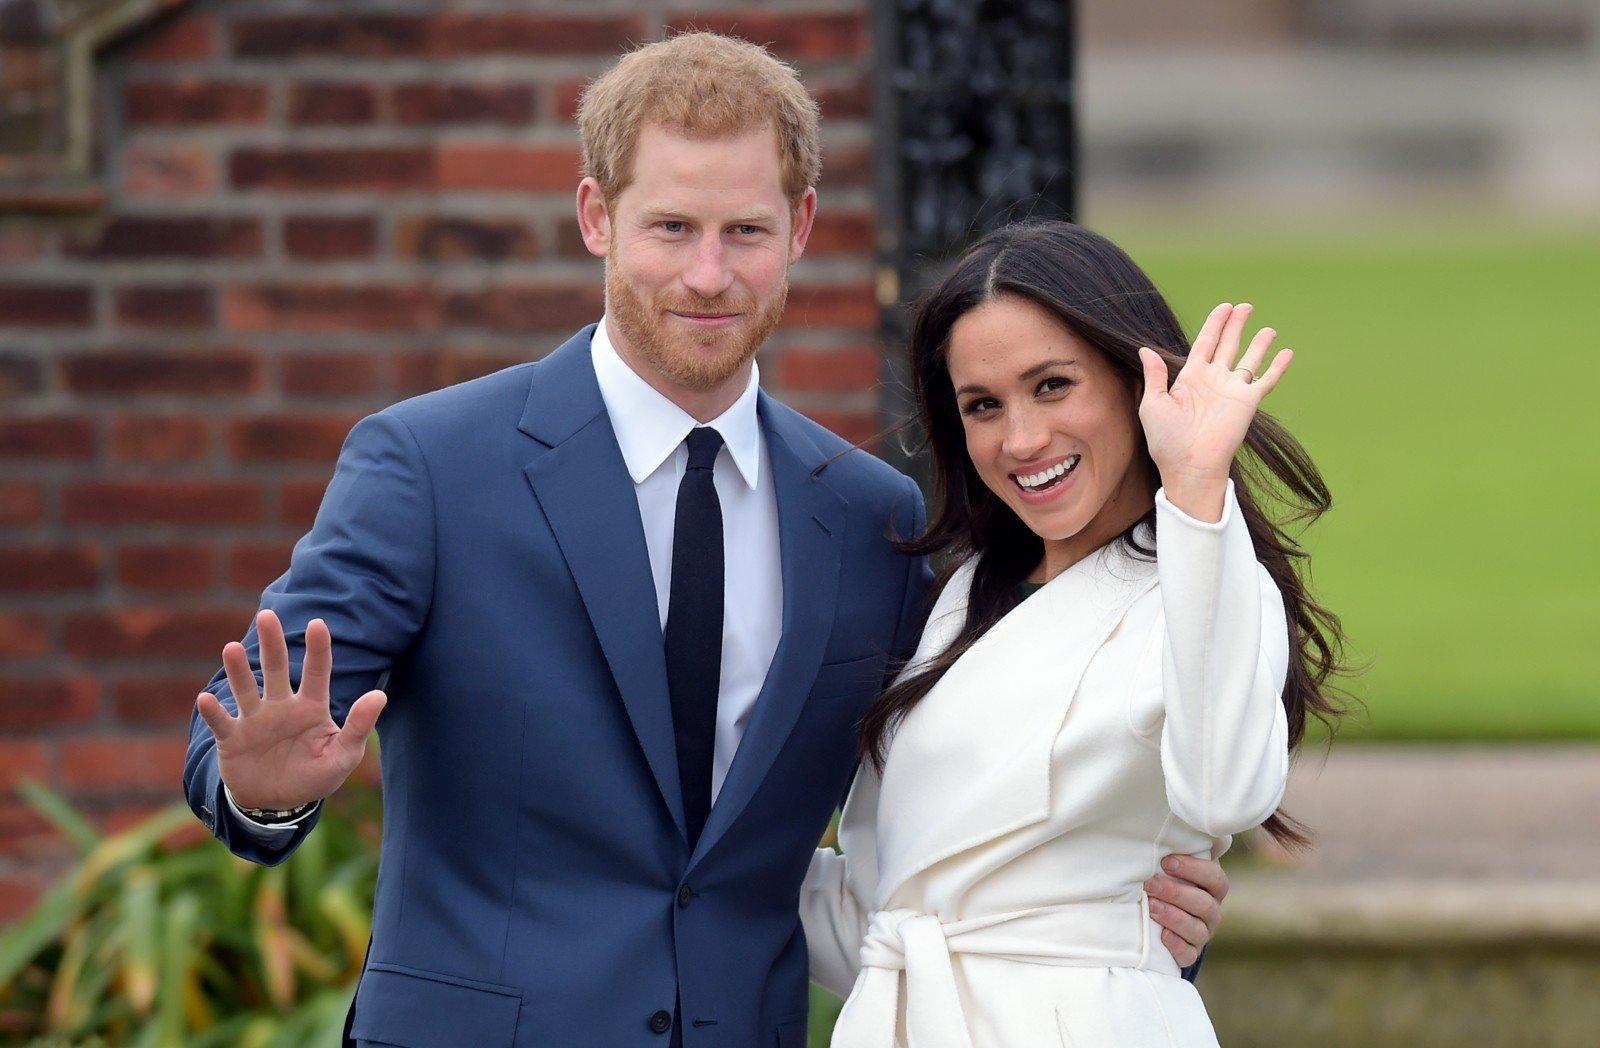 Накануне родов: Меган Маркл и Принц Гарри решили сохранить втайне рождение ребенка